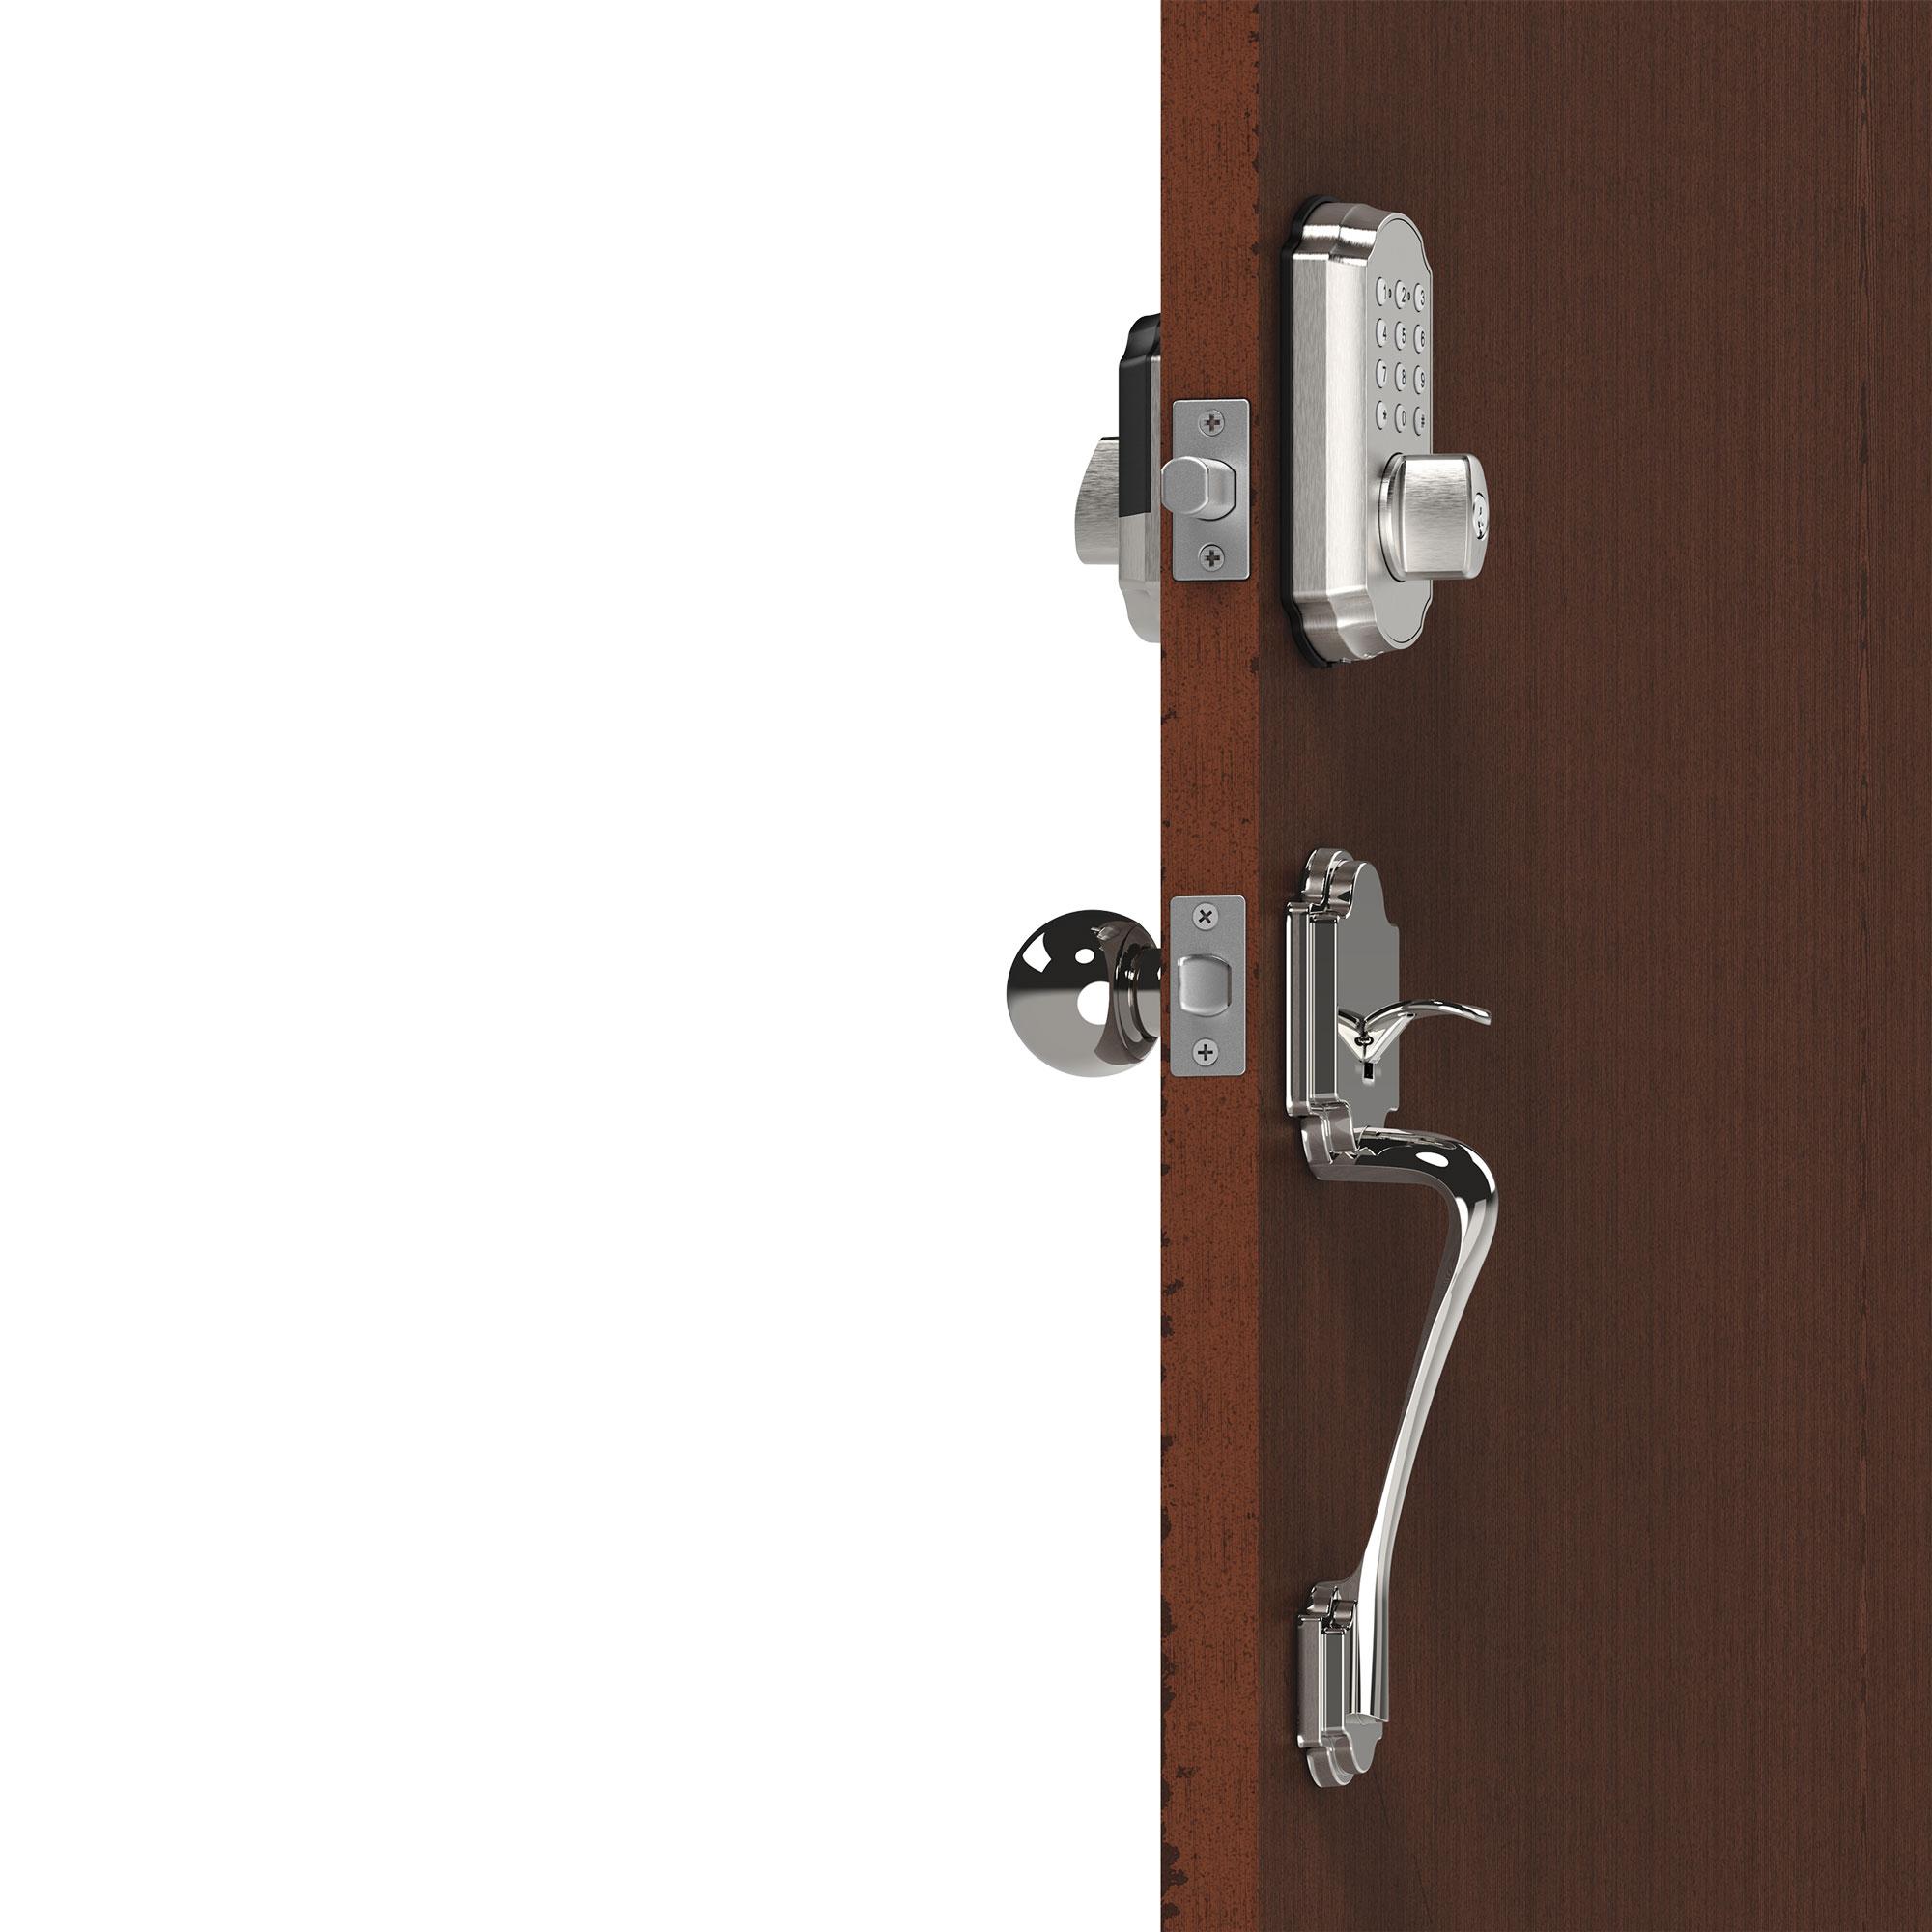 Picture of: Smart Door Lockset Combo Bluetooth Deadbolt Keypad App Tl115 Tl121 Brushed Nickel Turbolock Com